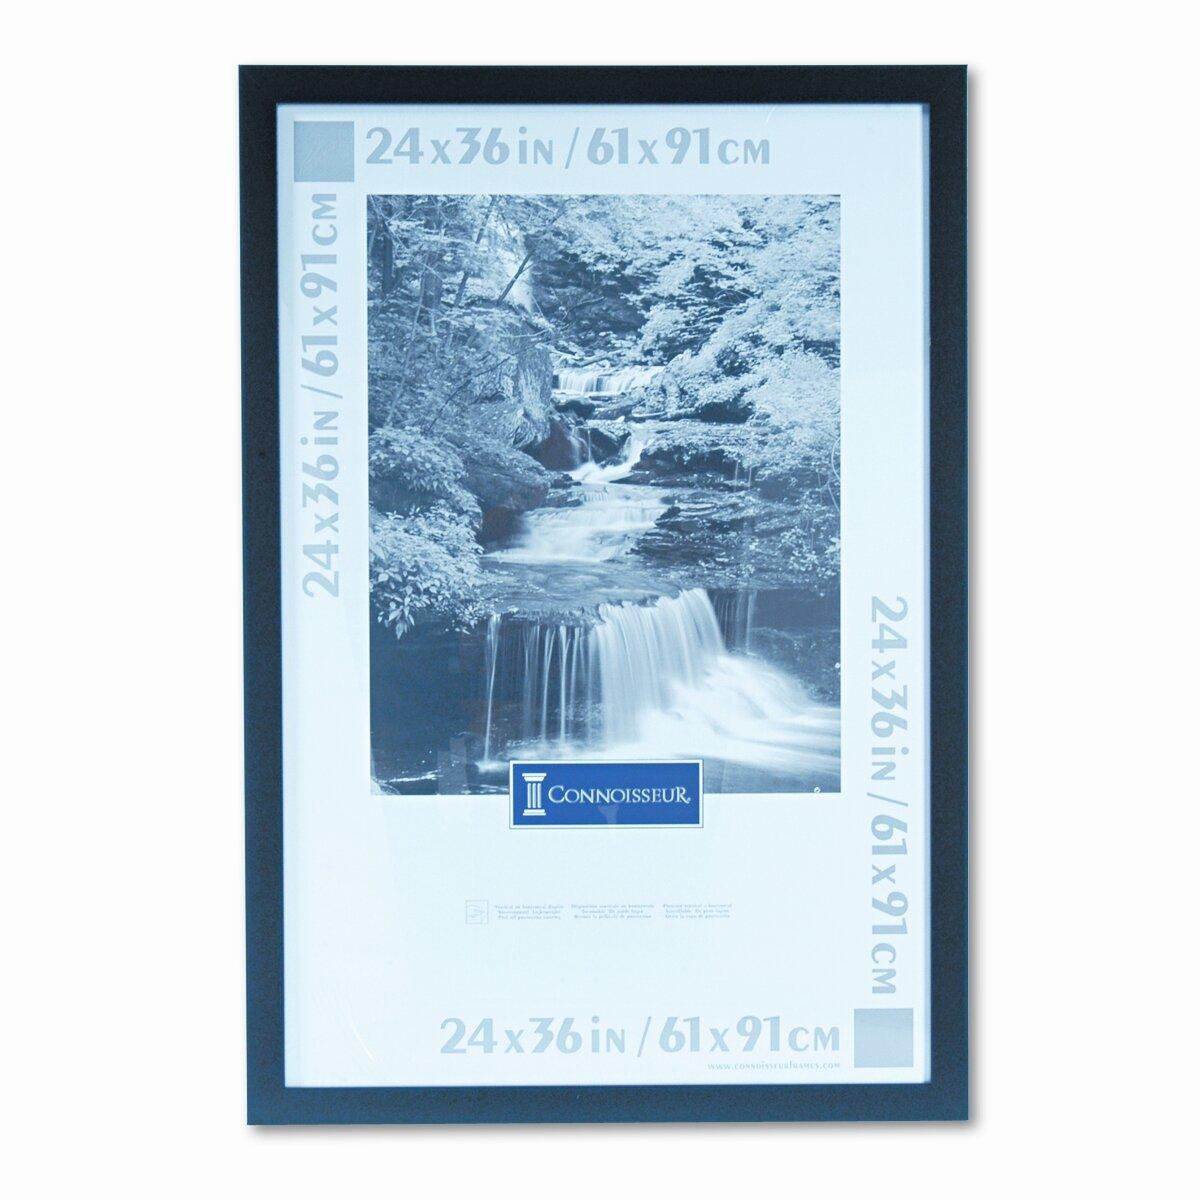 24x36 black poster frame